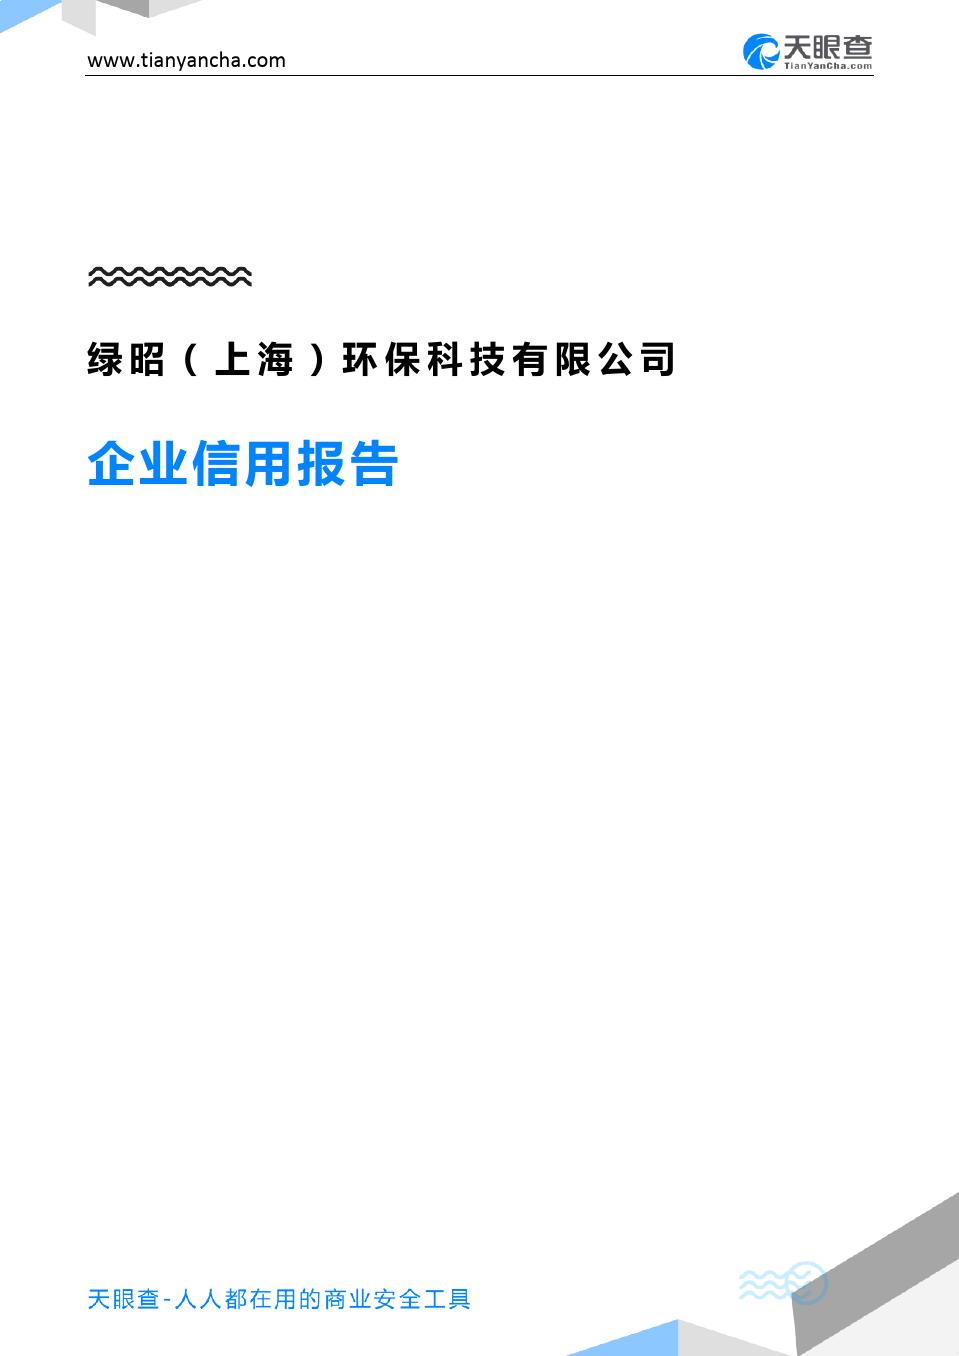 绿昭(上海)环保科技有限公司(企业信用报告)- 天眼查